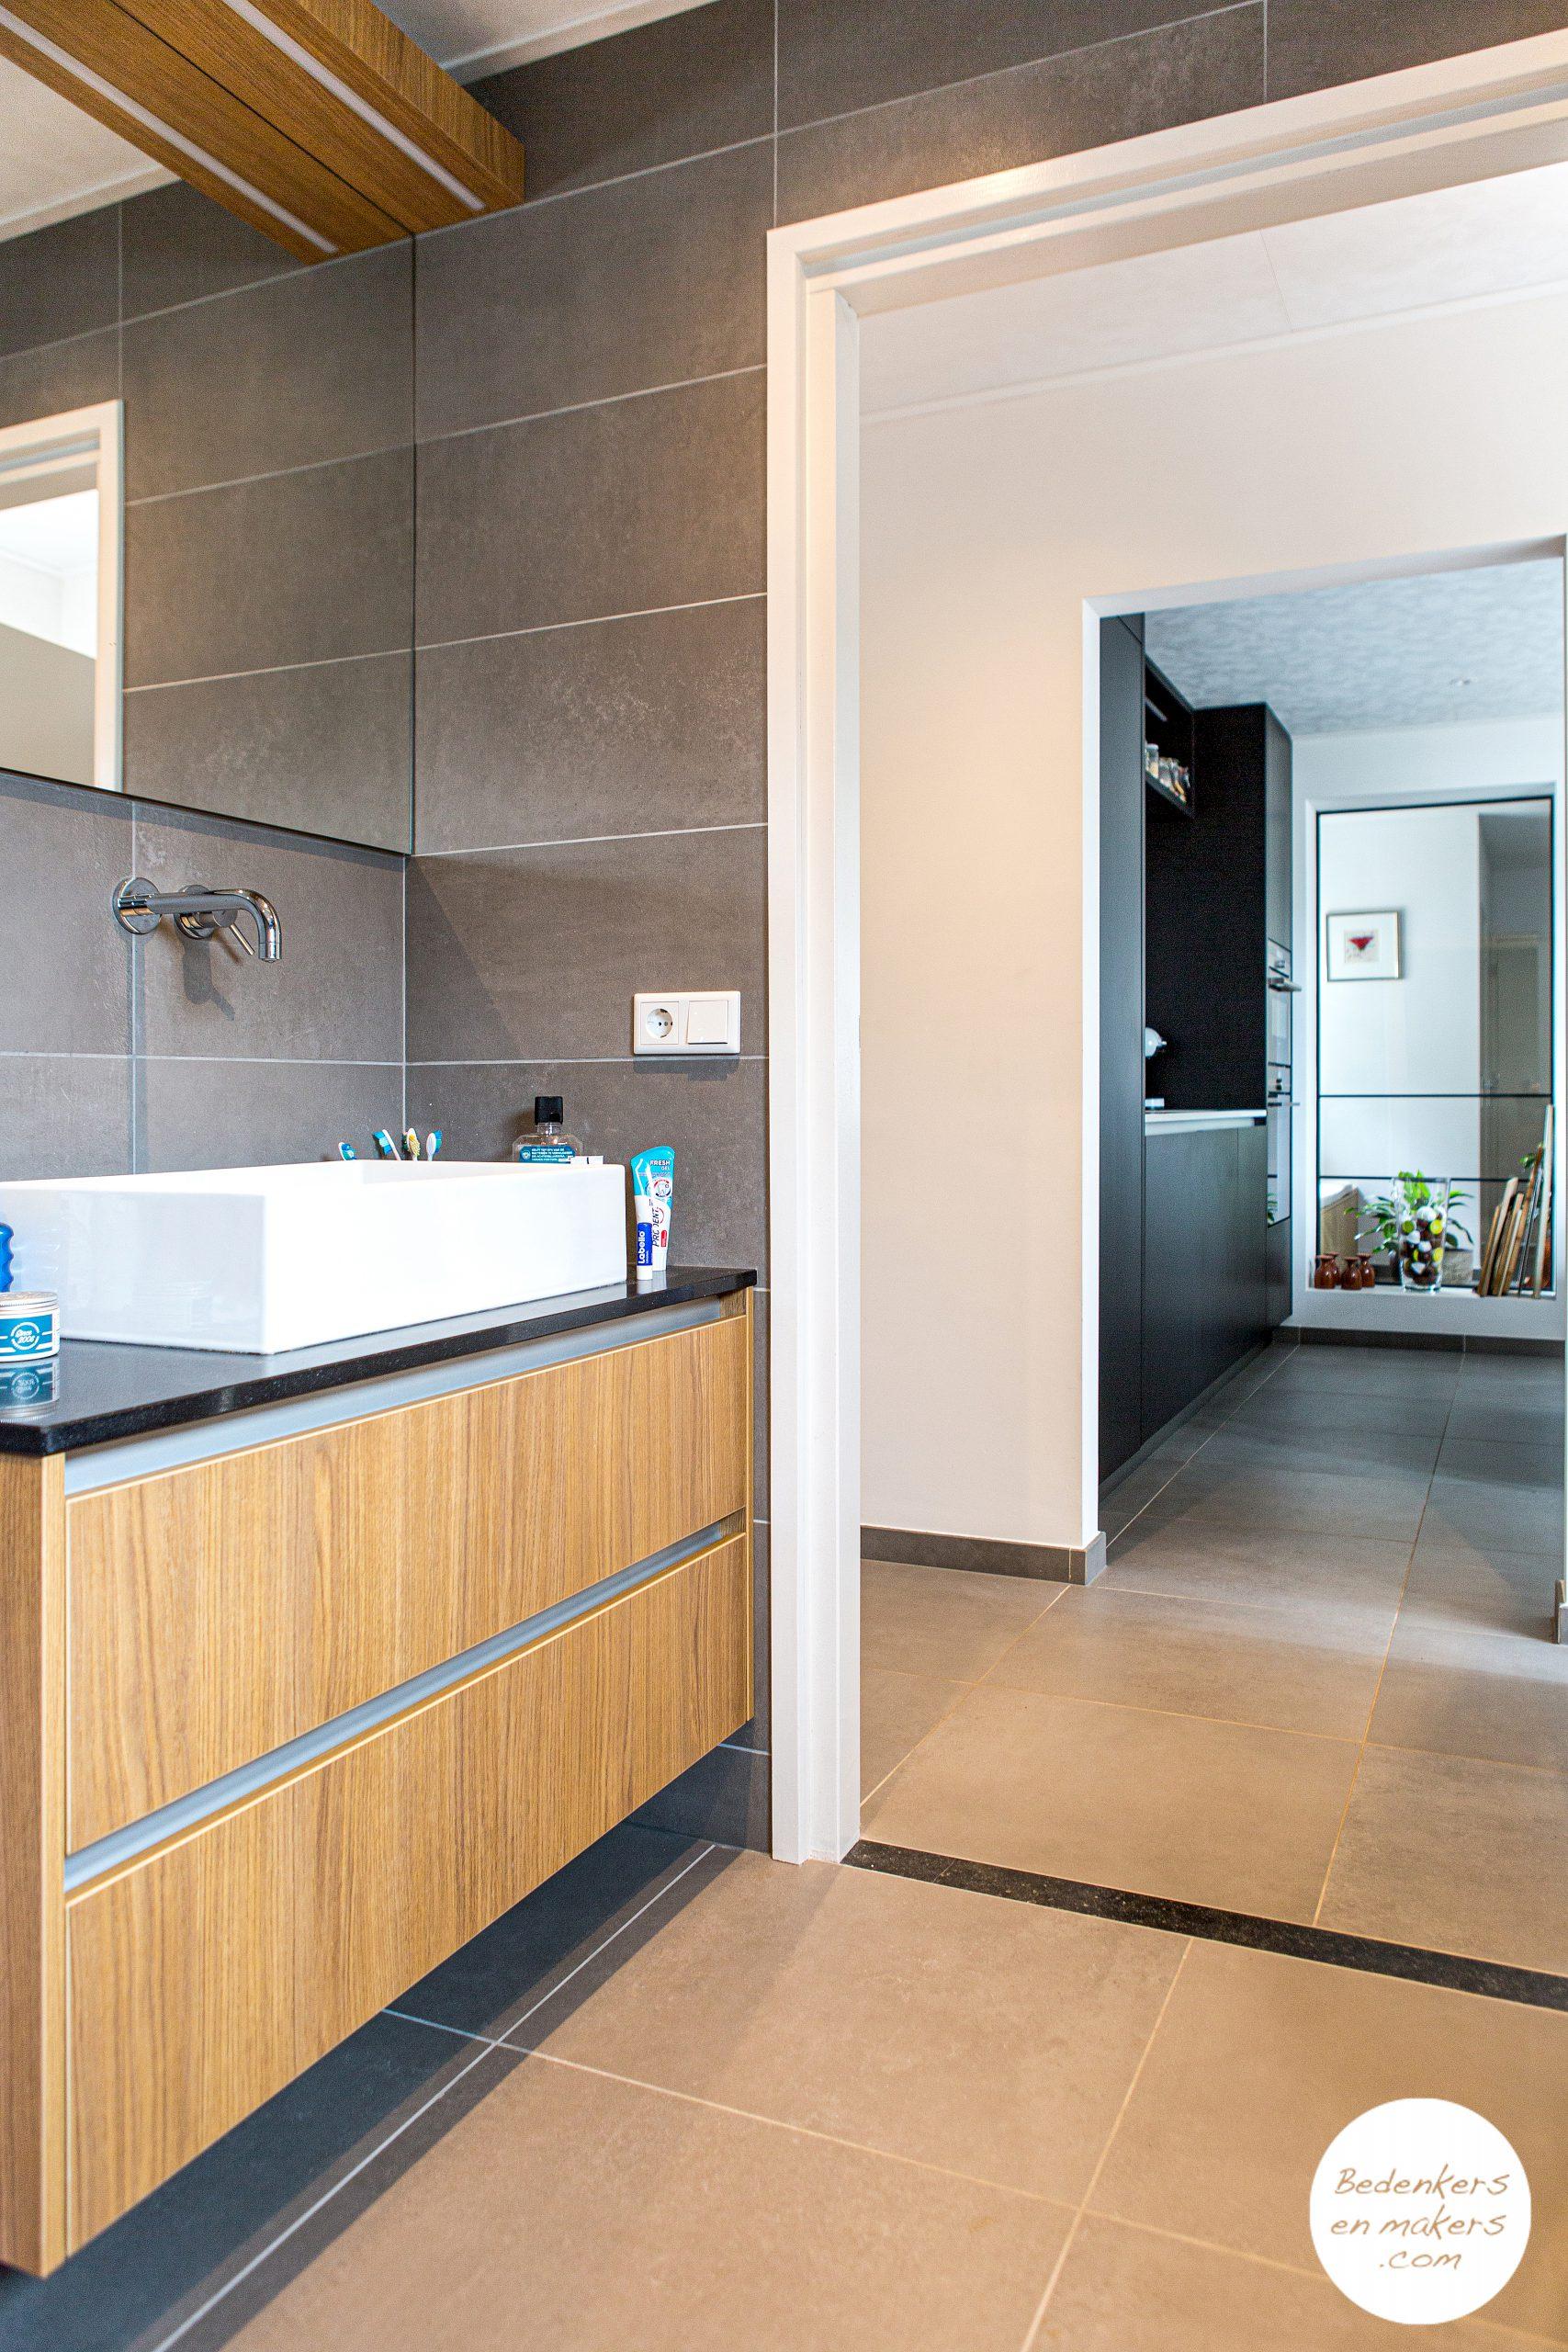 Levensloopbestendige badkamer op de begane grond met inloopdouche S20C172901